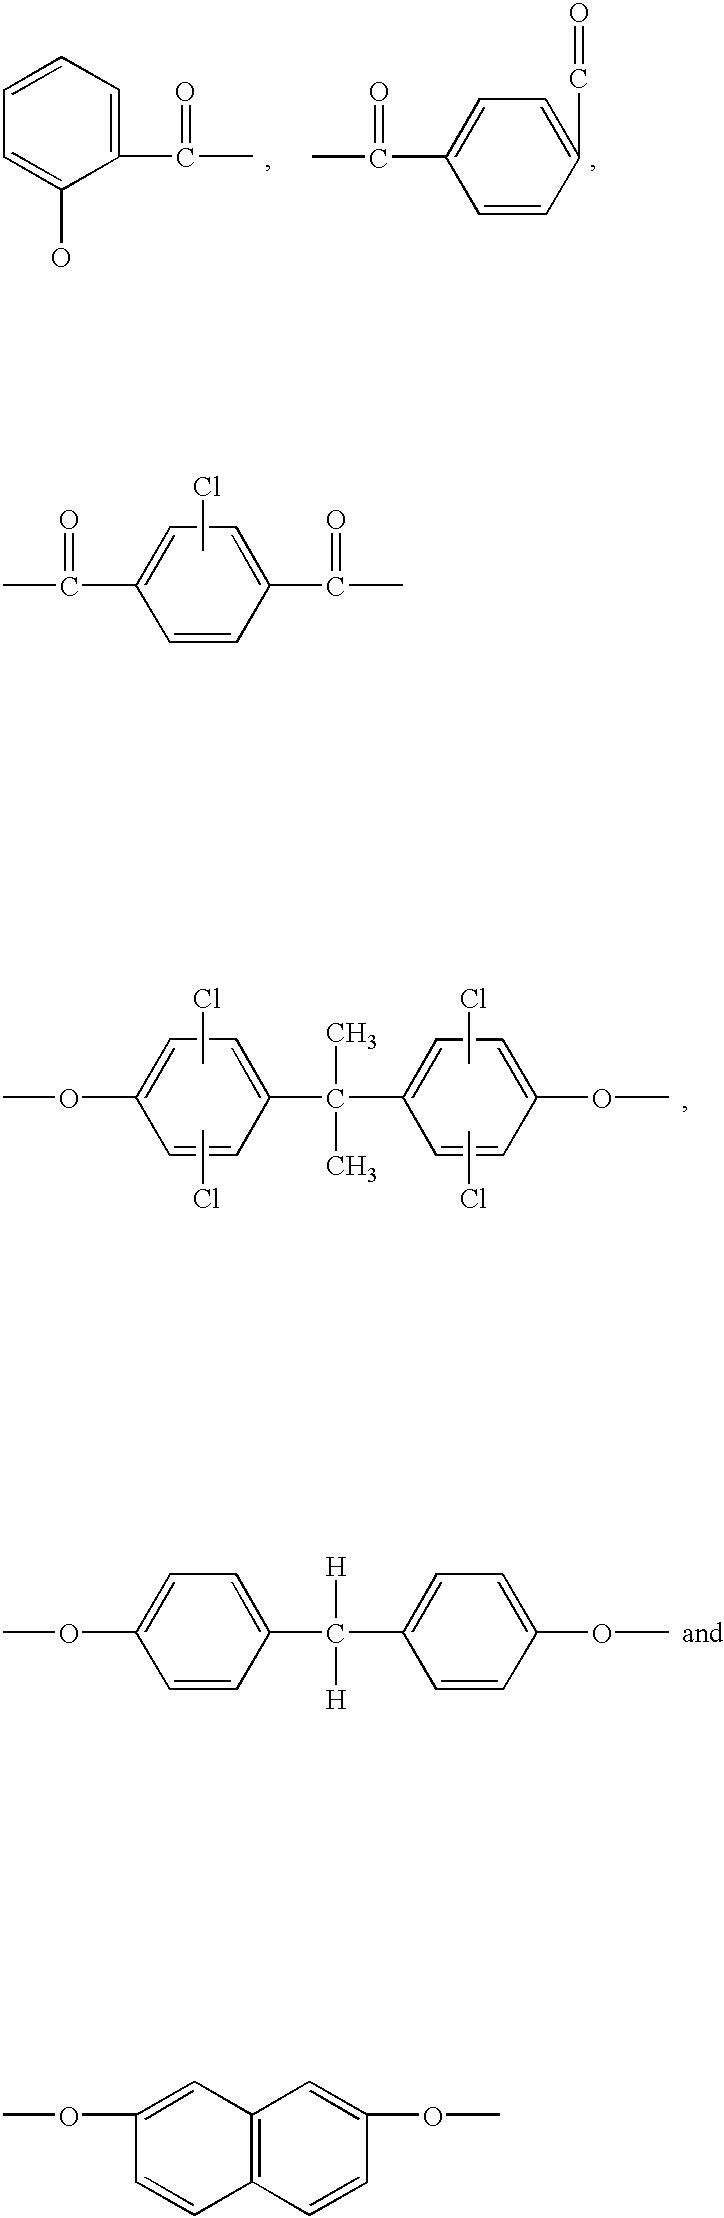 Figure US06403504-20020611-C00005